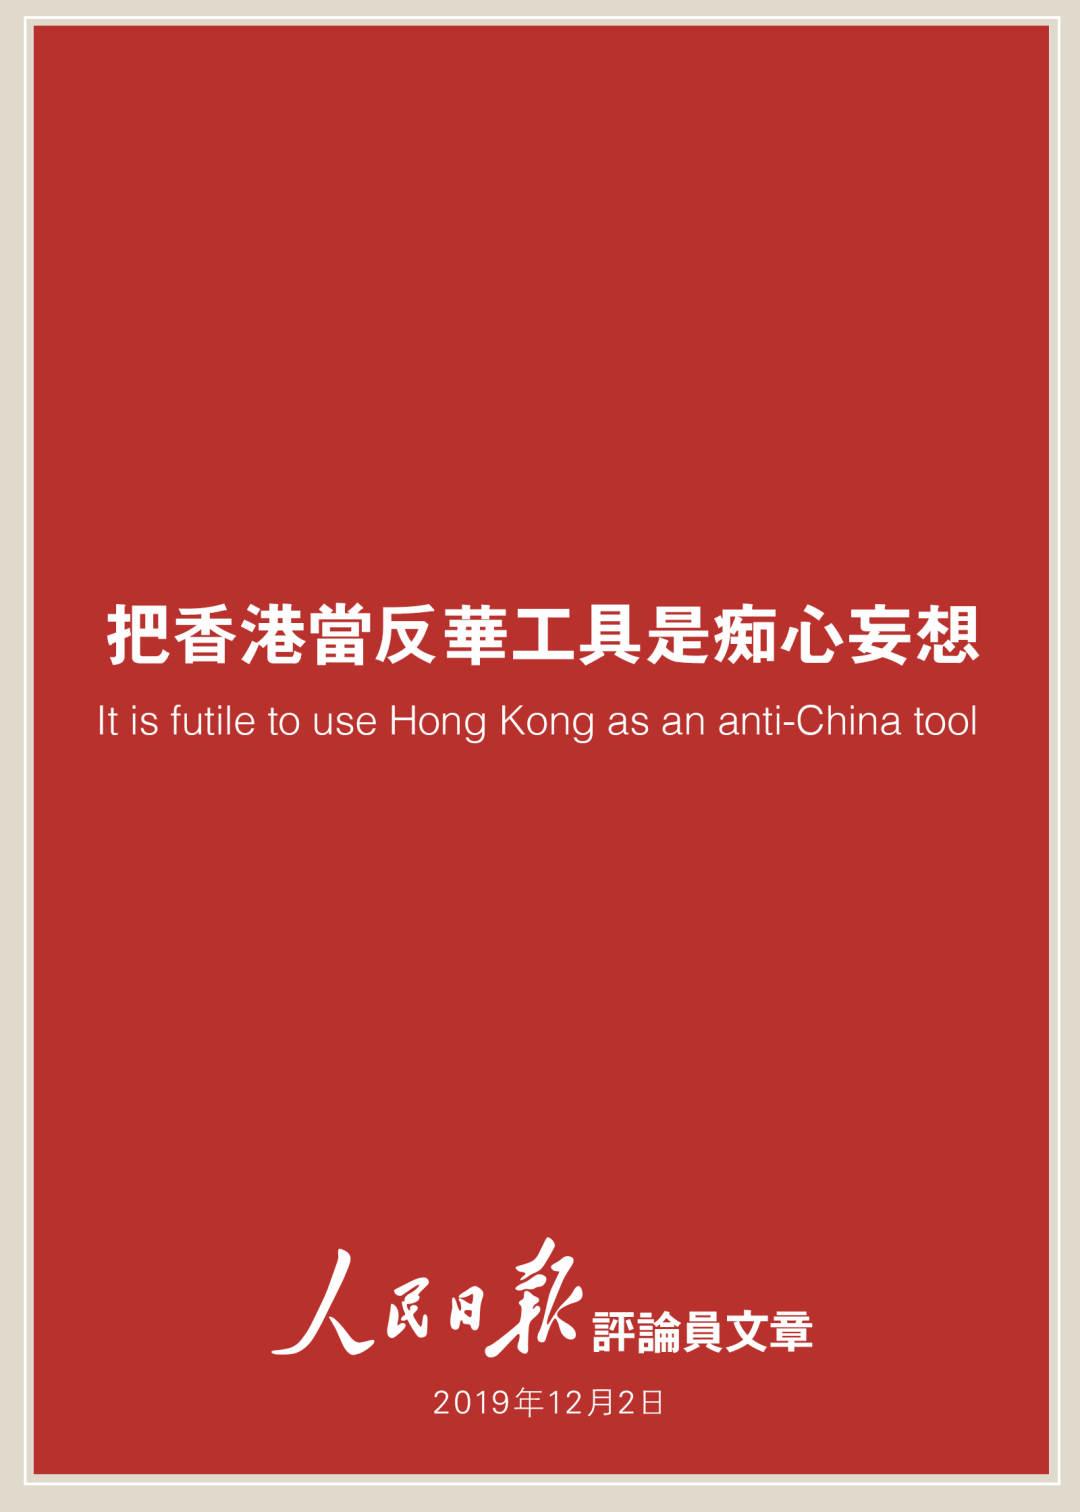 人民日报评论员:把香港当反华工具是痴心妄想